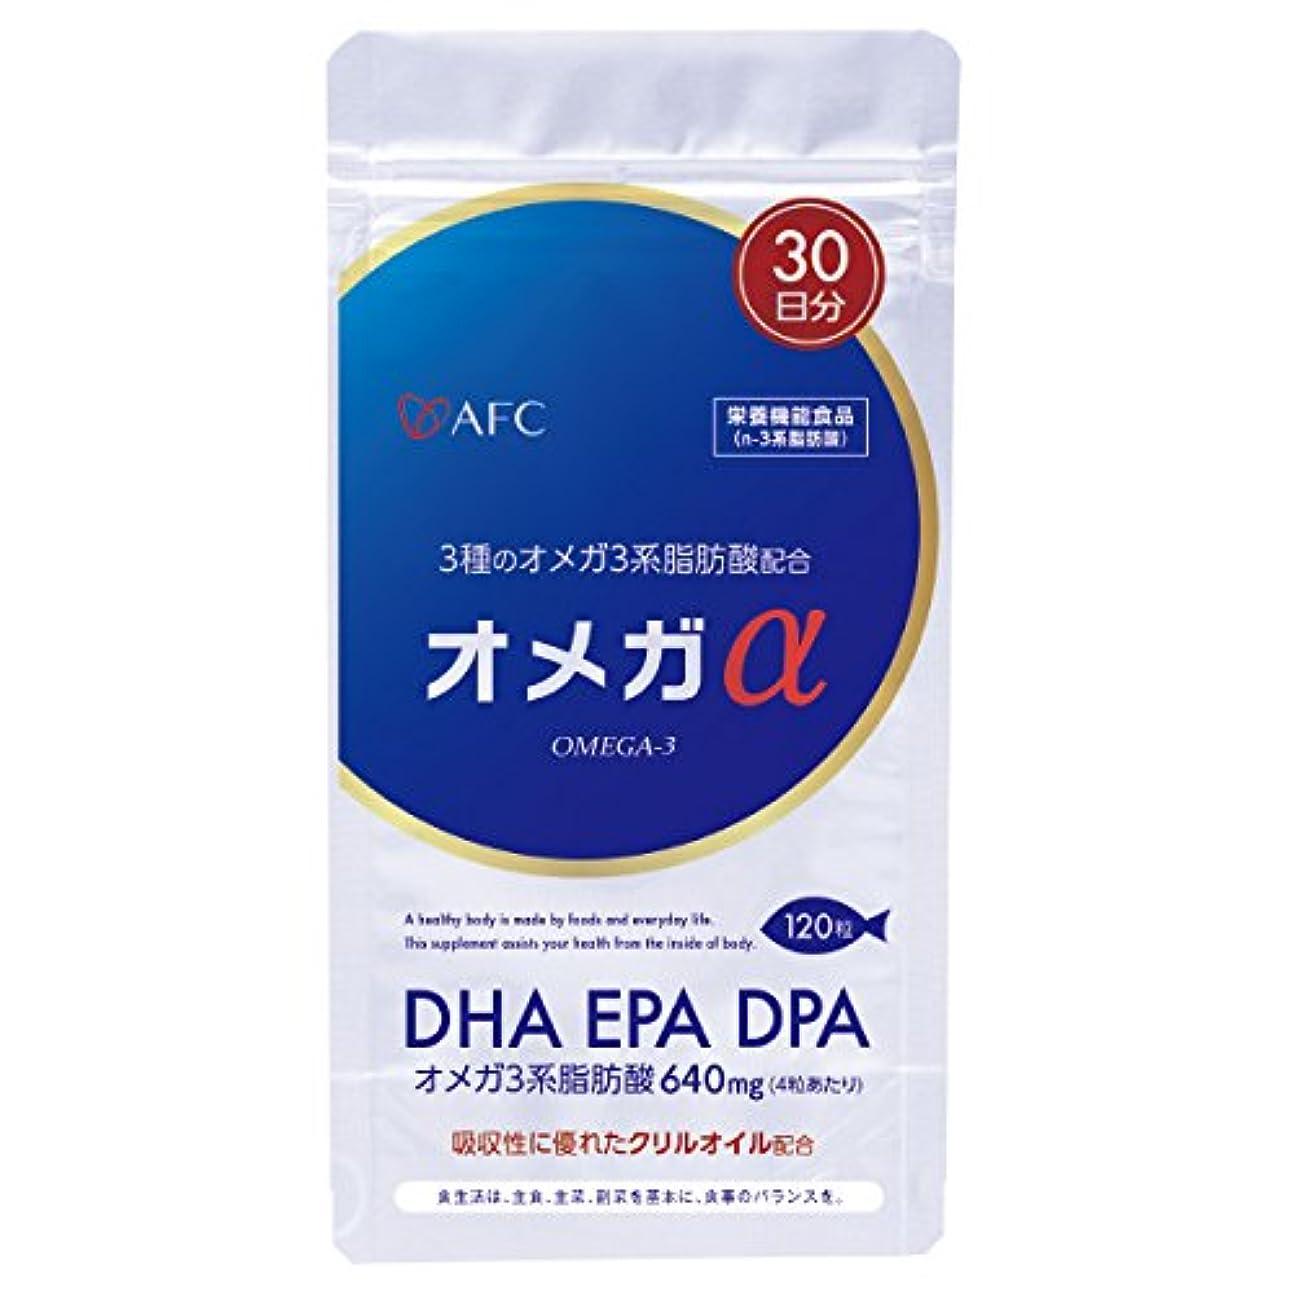 エキスパート構造谷【AFC公式ショップ】30日分 オメガスリー オメガα (オメガ アルファ) ソフトカプセル DHA DPA EPA クリルオイル